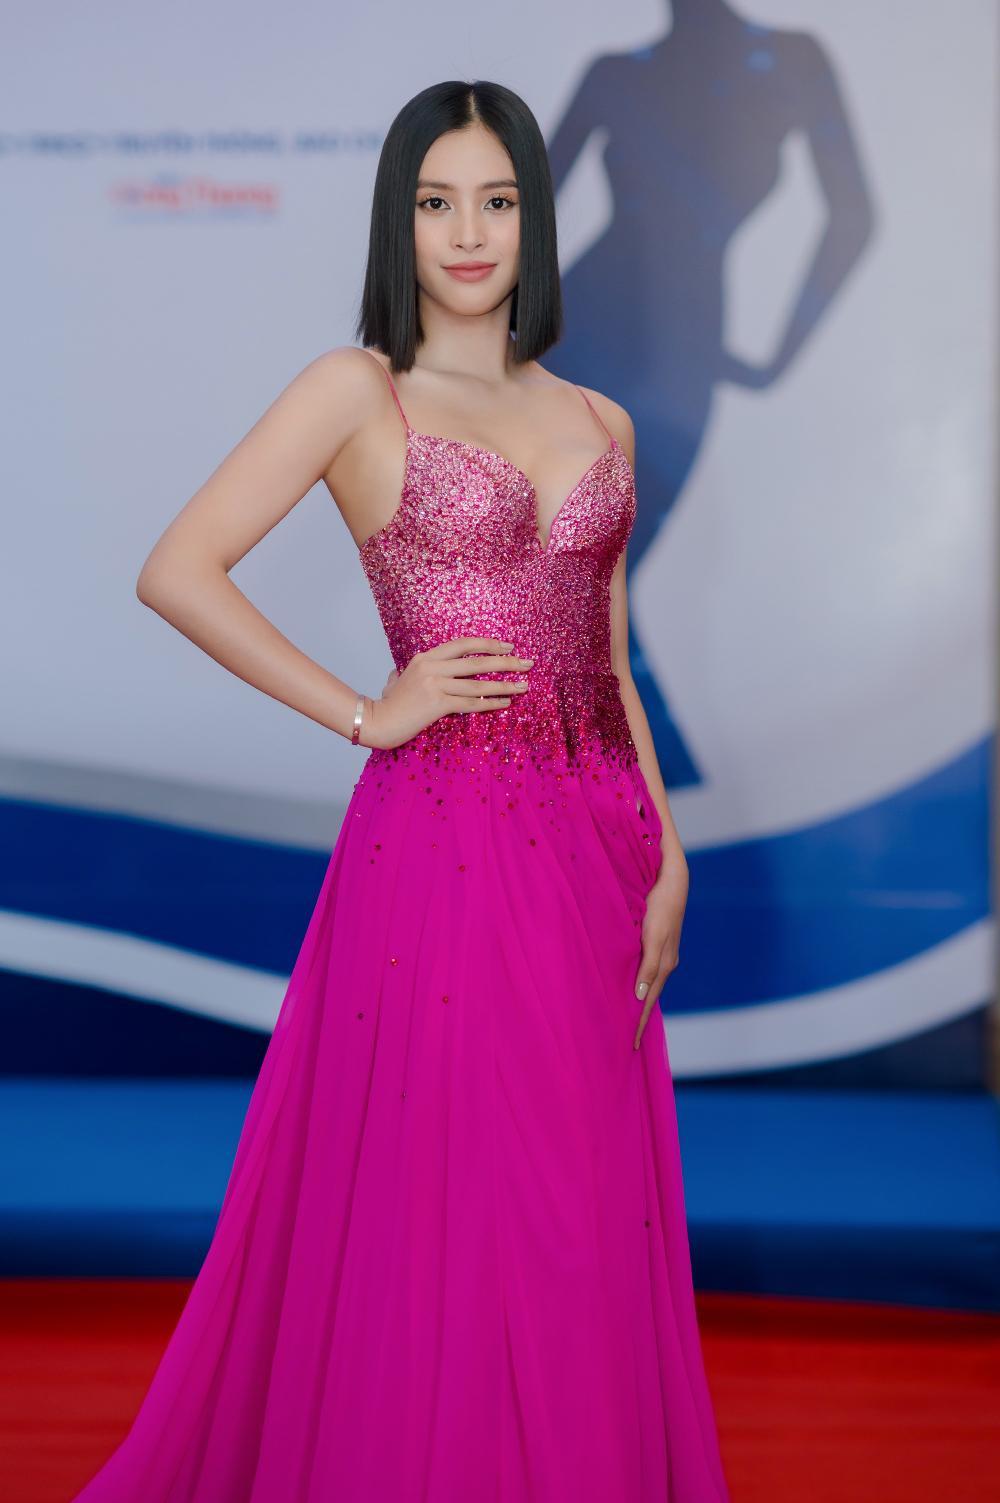 Hoa hậu Tiểu Vy khoe vòng 1 căng tràn trong bộ váy hồng cánh sen xẻ sâu Ảnh 2